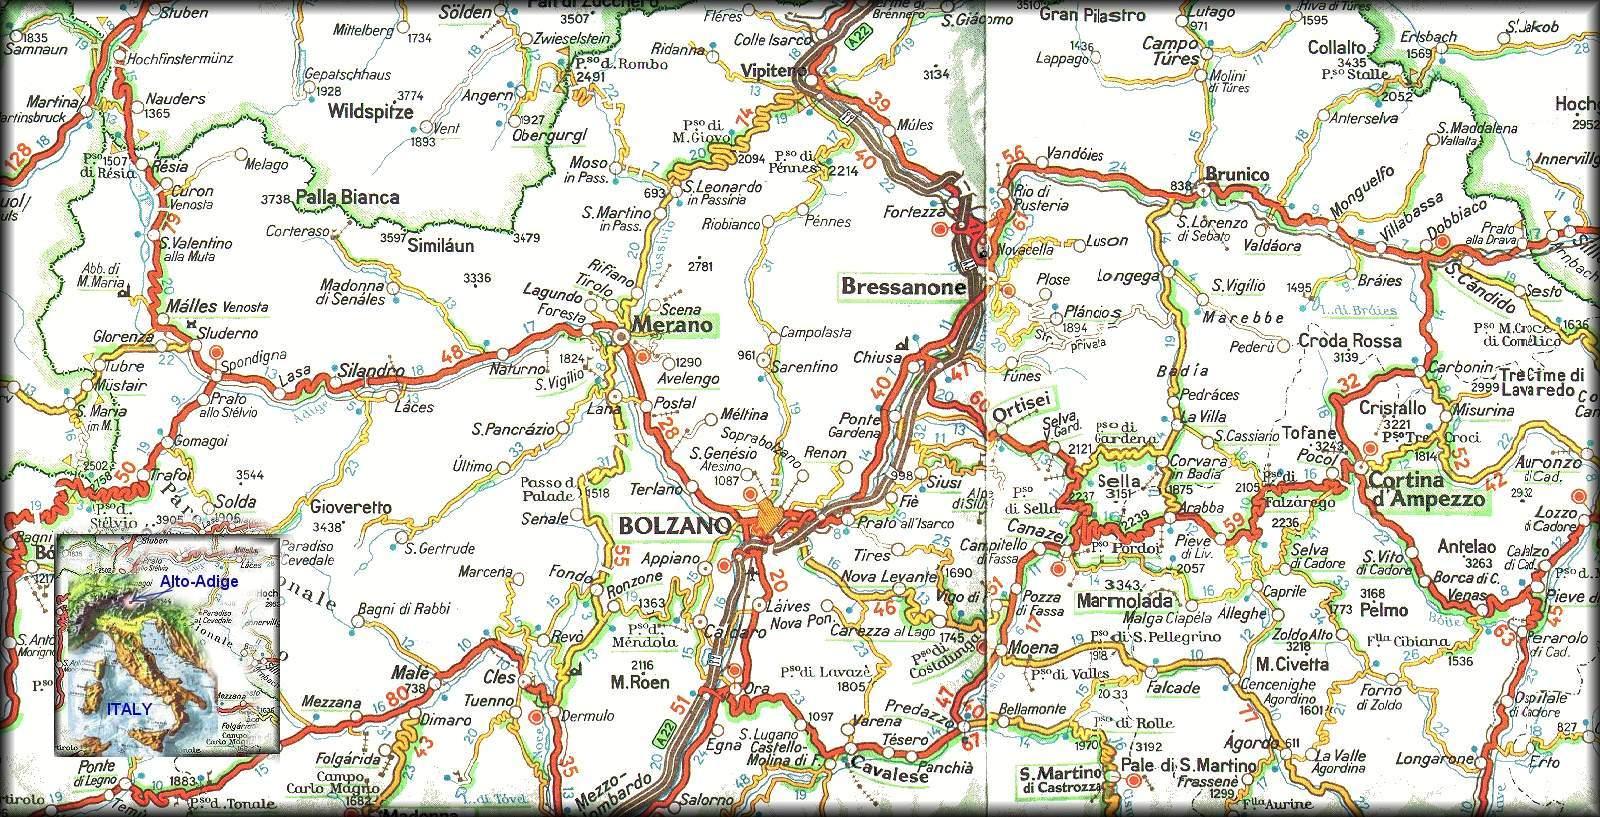 Trentino Alto Adige Cartina Stradale.Cartina Bolzano Alto Adige Italy By Rd Soft C